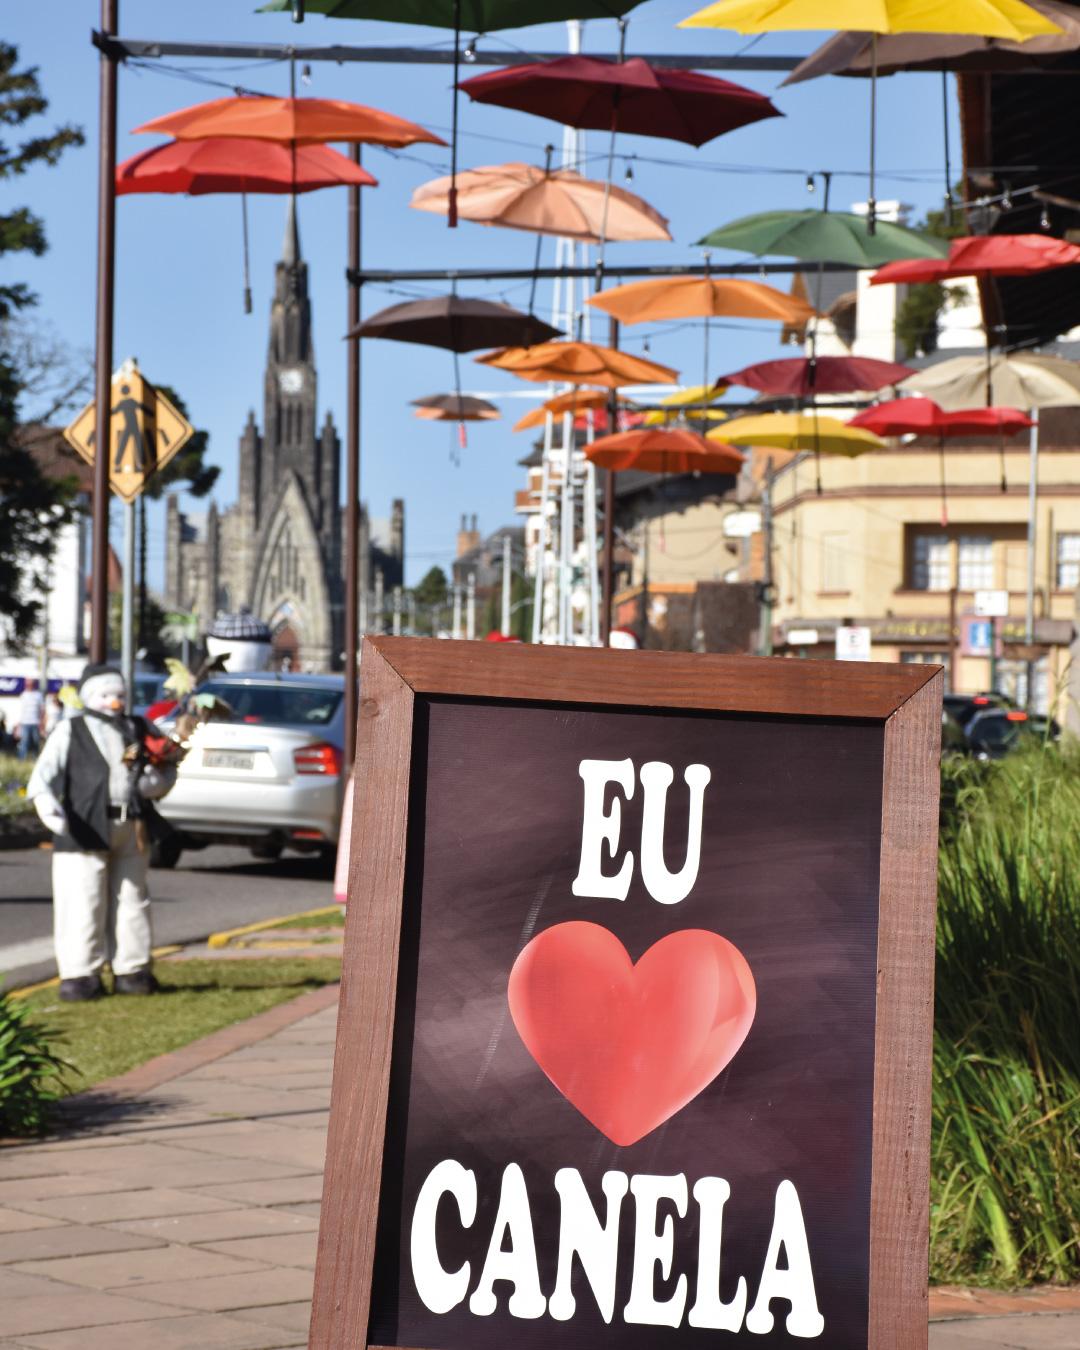 Centro da cidade de Canela/RS